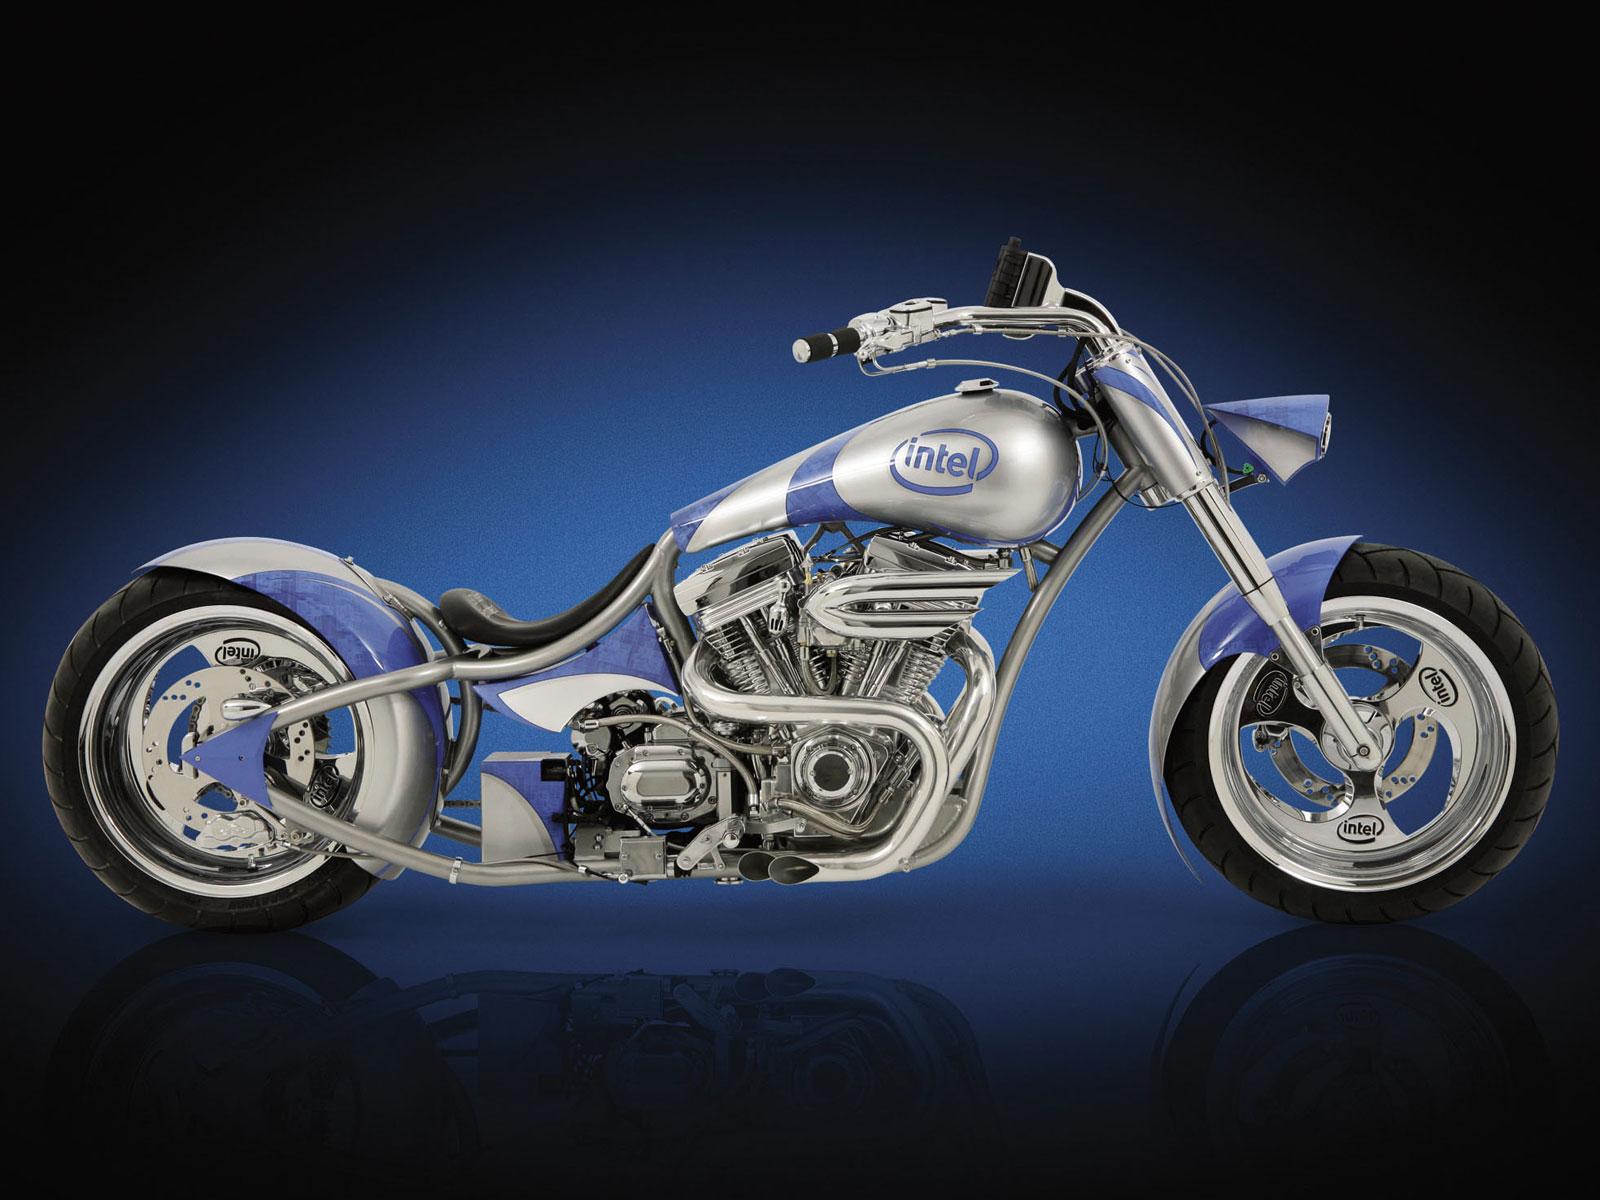 http://2.bp.blogspot.com/-aANQoZNtgtc/TZSatlXsNzI/AAAAAAAABx8/le3UTOc3w6k/s1600/chopper+side.jpg